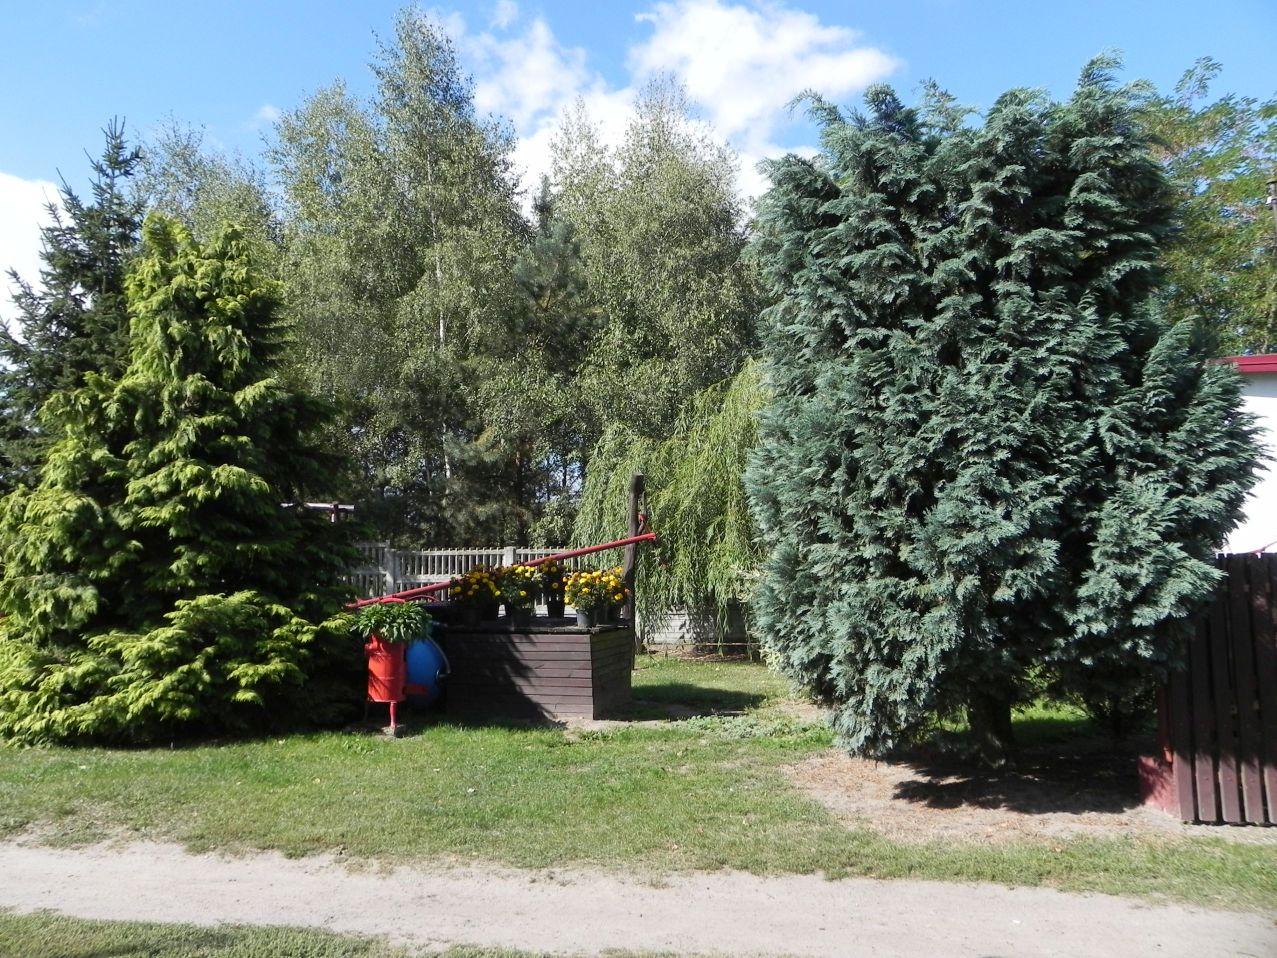 Galeria zdjęć Sochowej Zagrody - podwórko i przyroda (76)